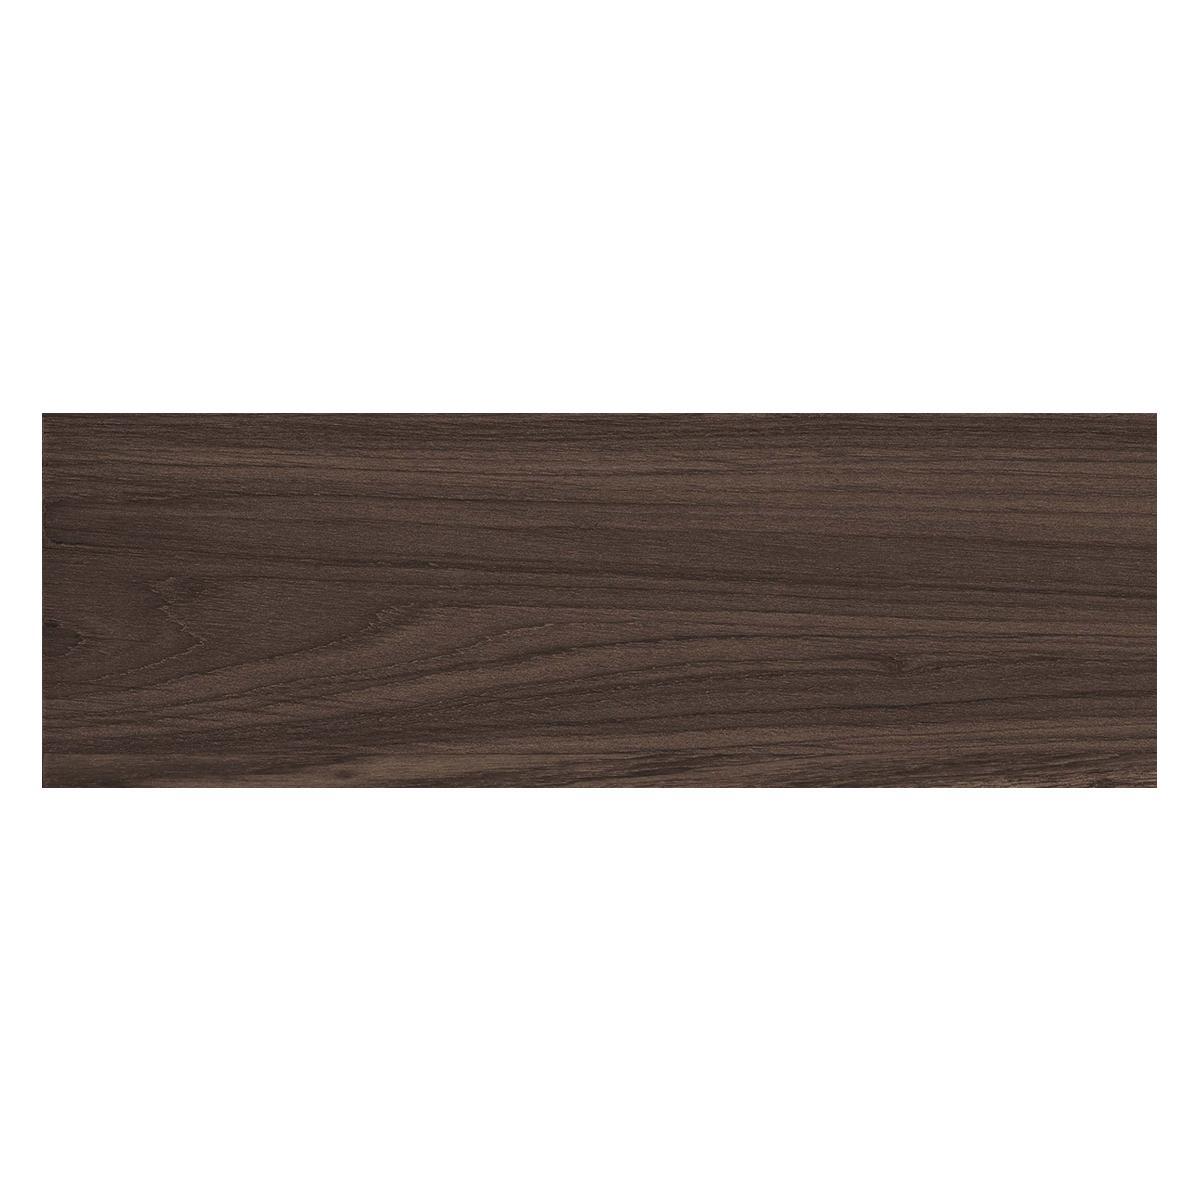 Piso Lucus Marrón Oscuro Mate - 19X60 cm - 1.53 m2